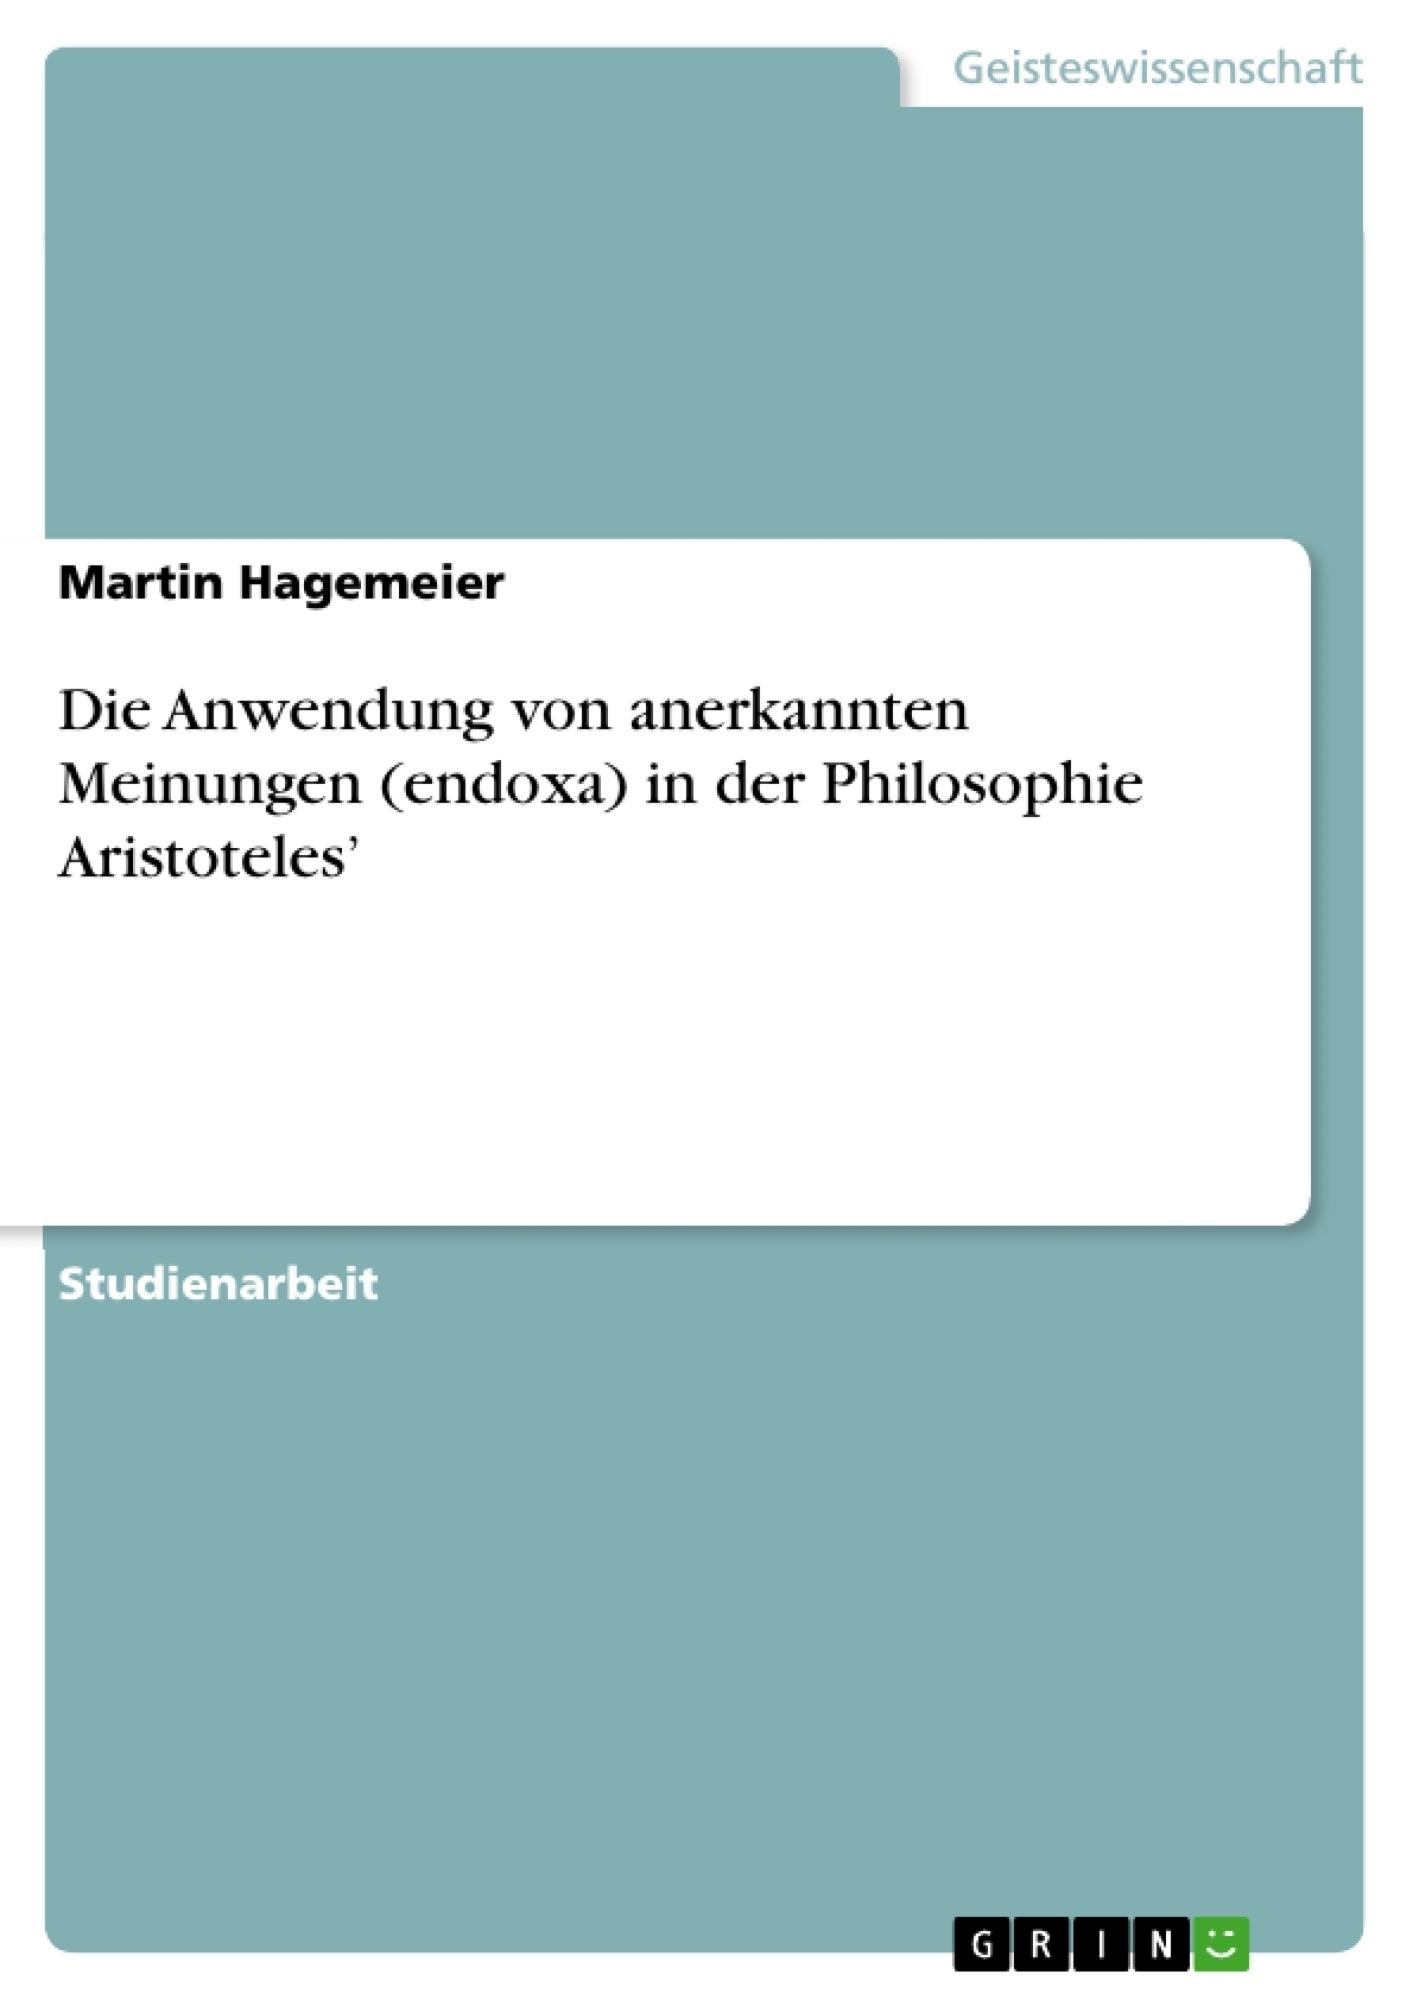 Titel: Die Anwendung von anerkannten Meinungen (endoxa) in der Philosophie Aristoteles'